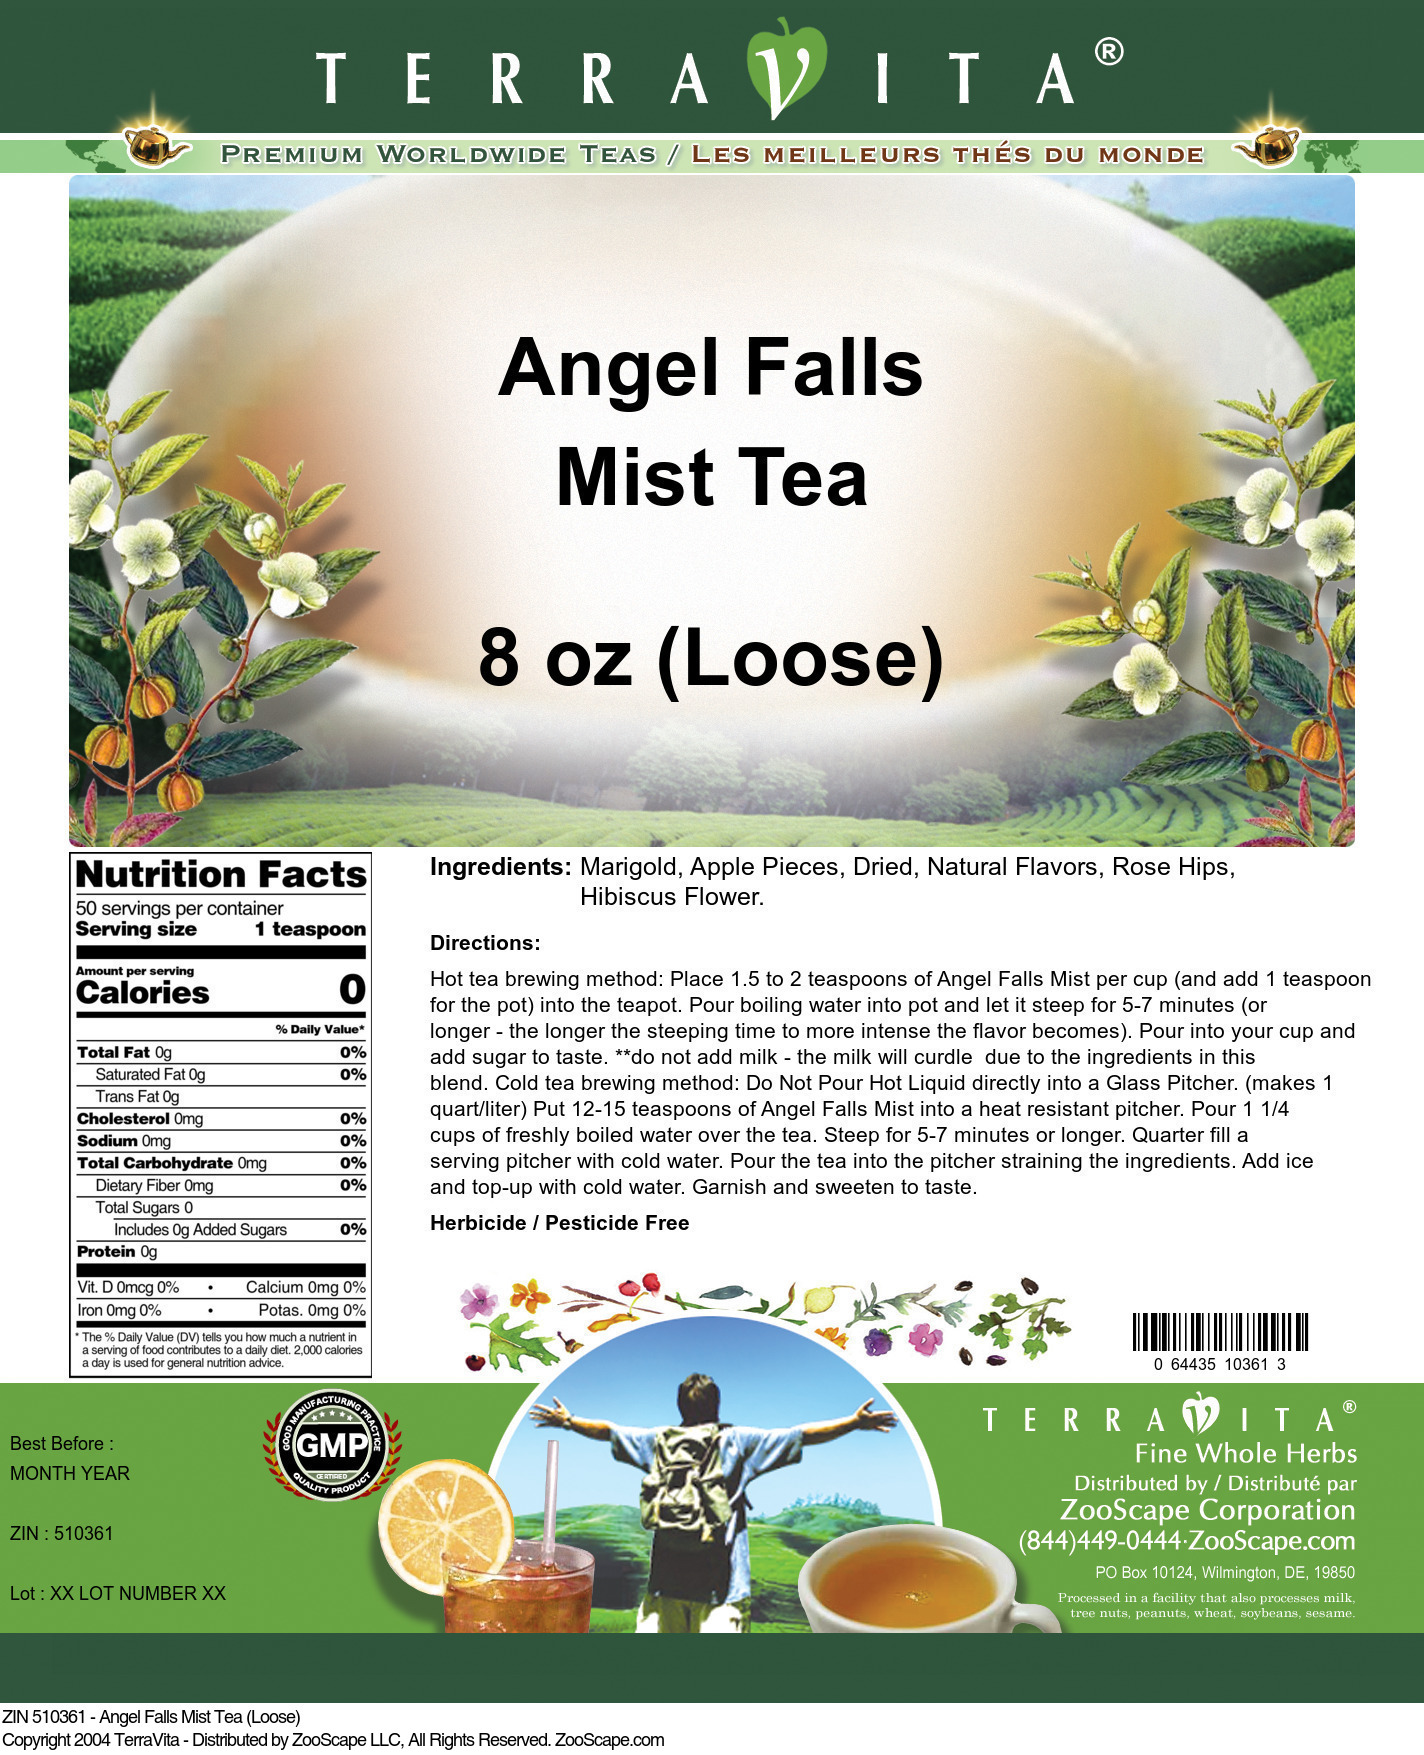 Angel Falls Mist Tea (Loose)